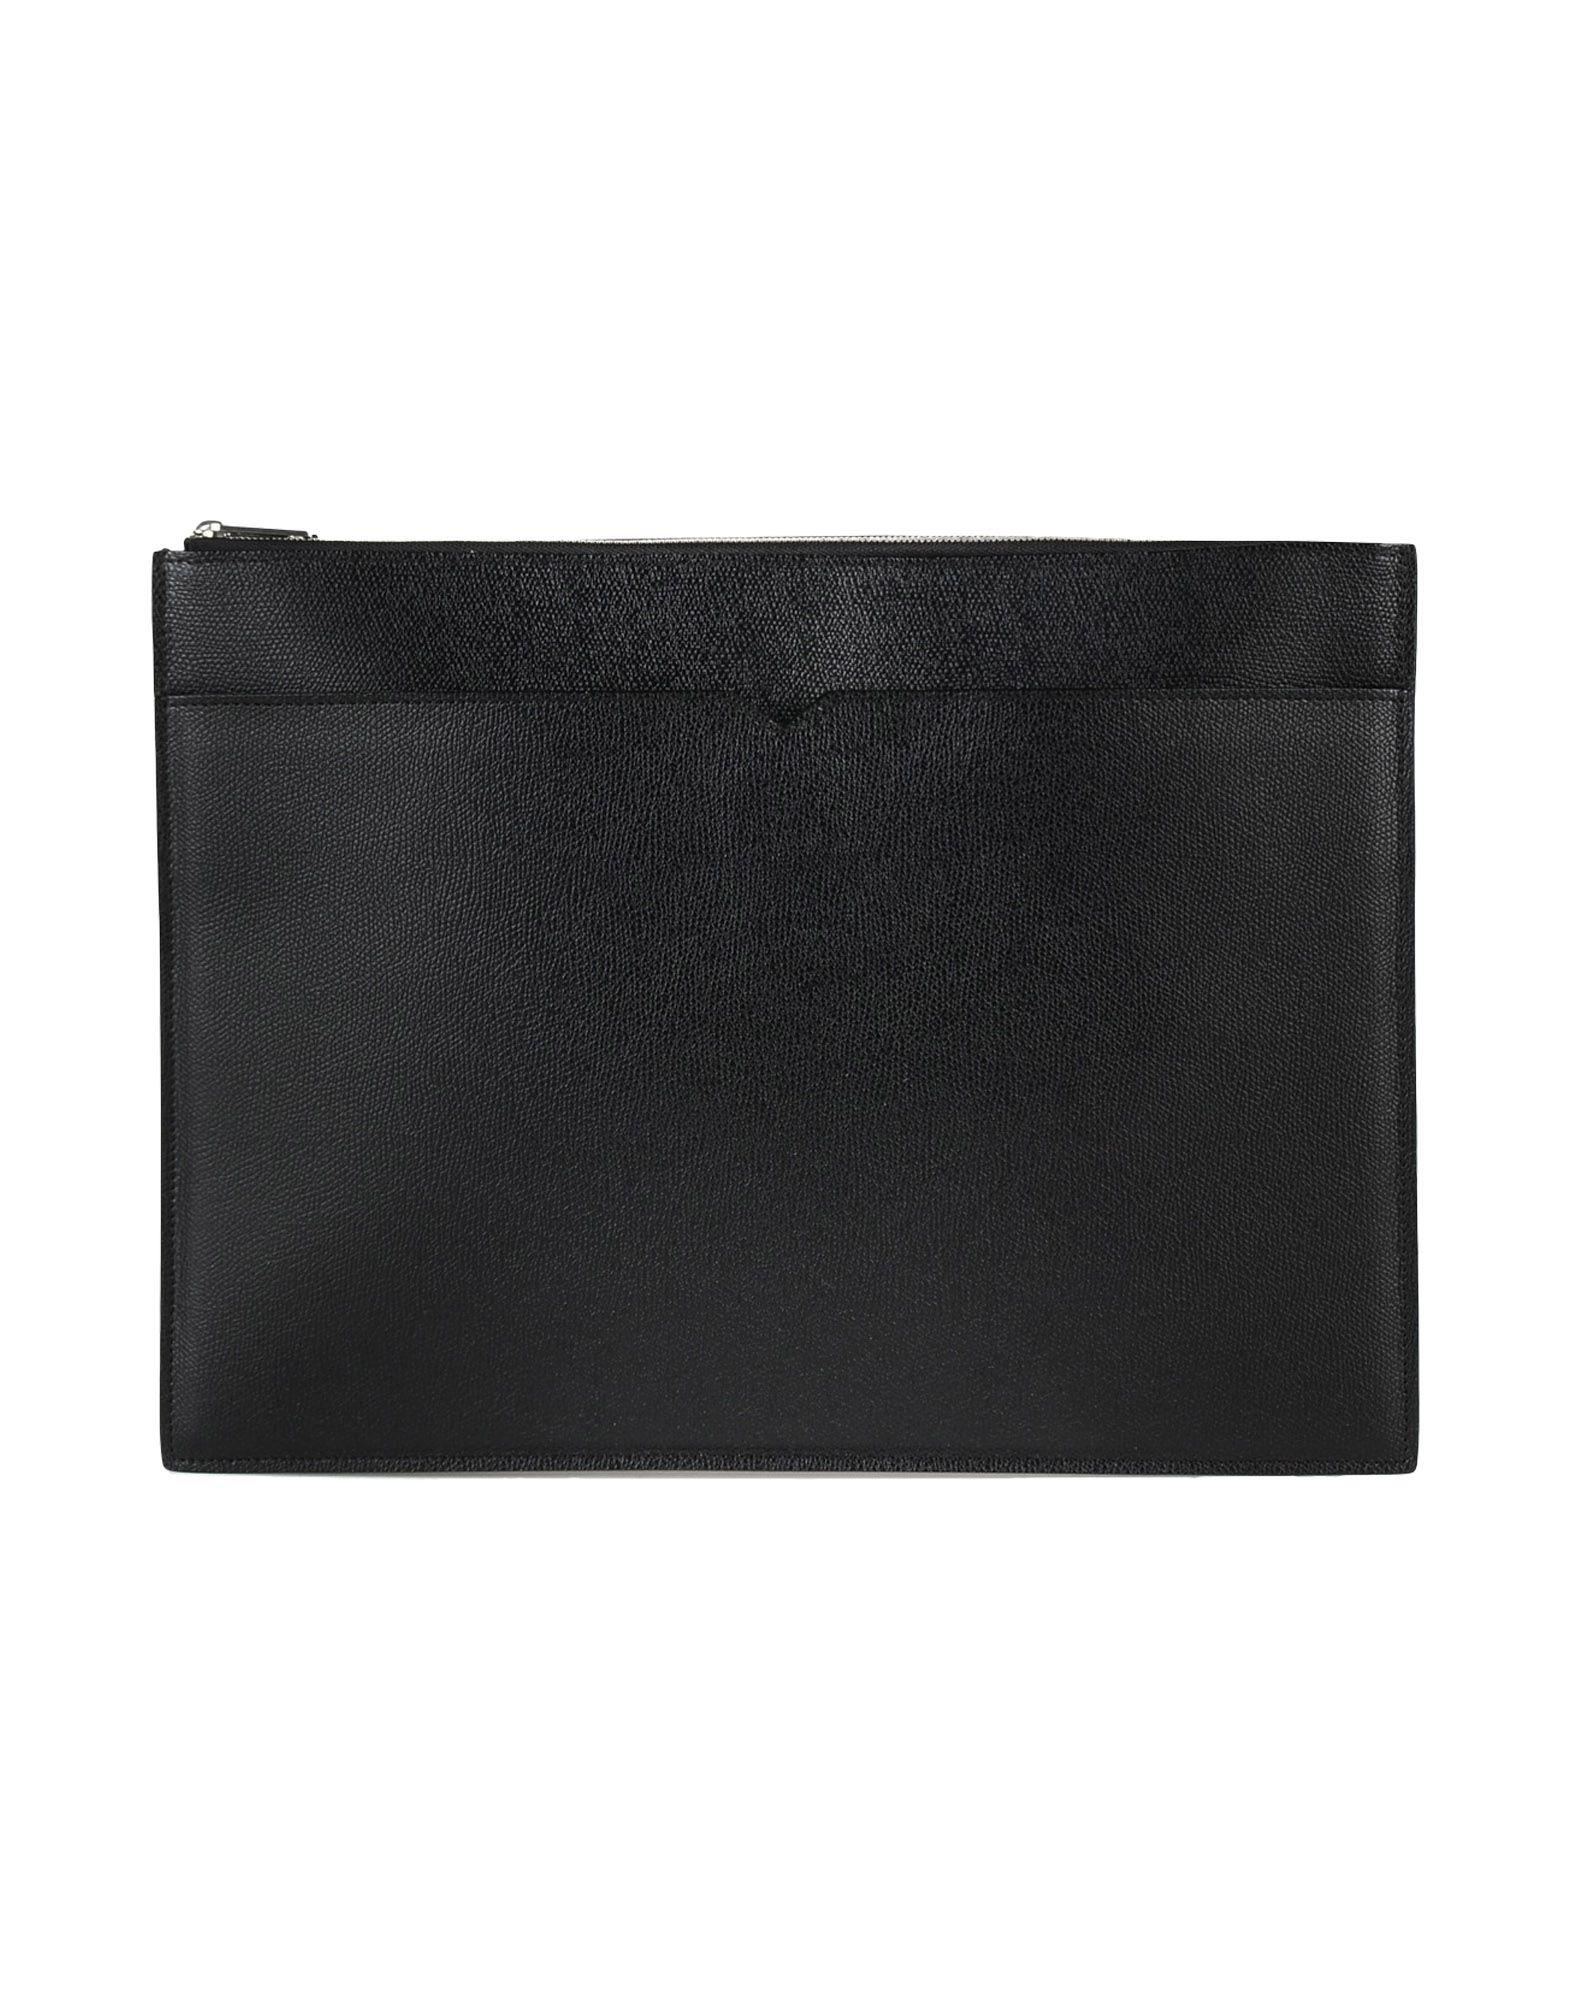 VALEXTRA Деловые сумки goldlion goldlion портфель моды случайные сумки вертикальный раздел мужской бизнес пакет mb6453122 20338 хаки